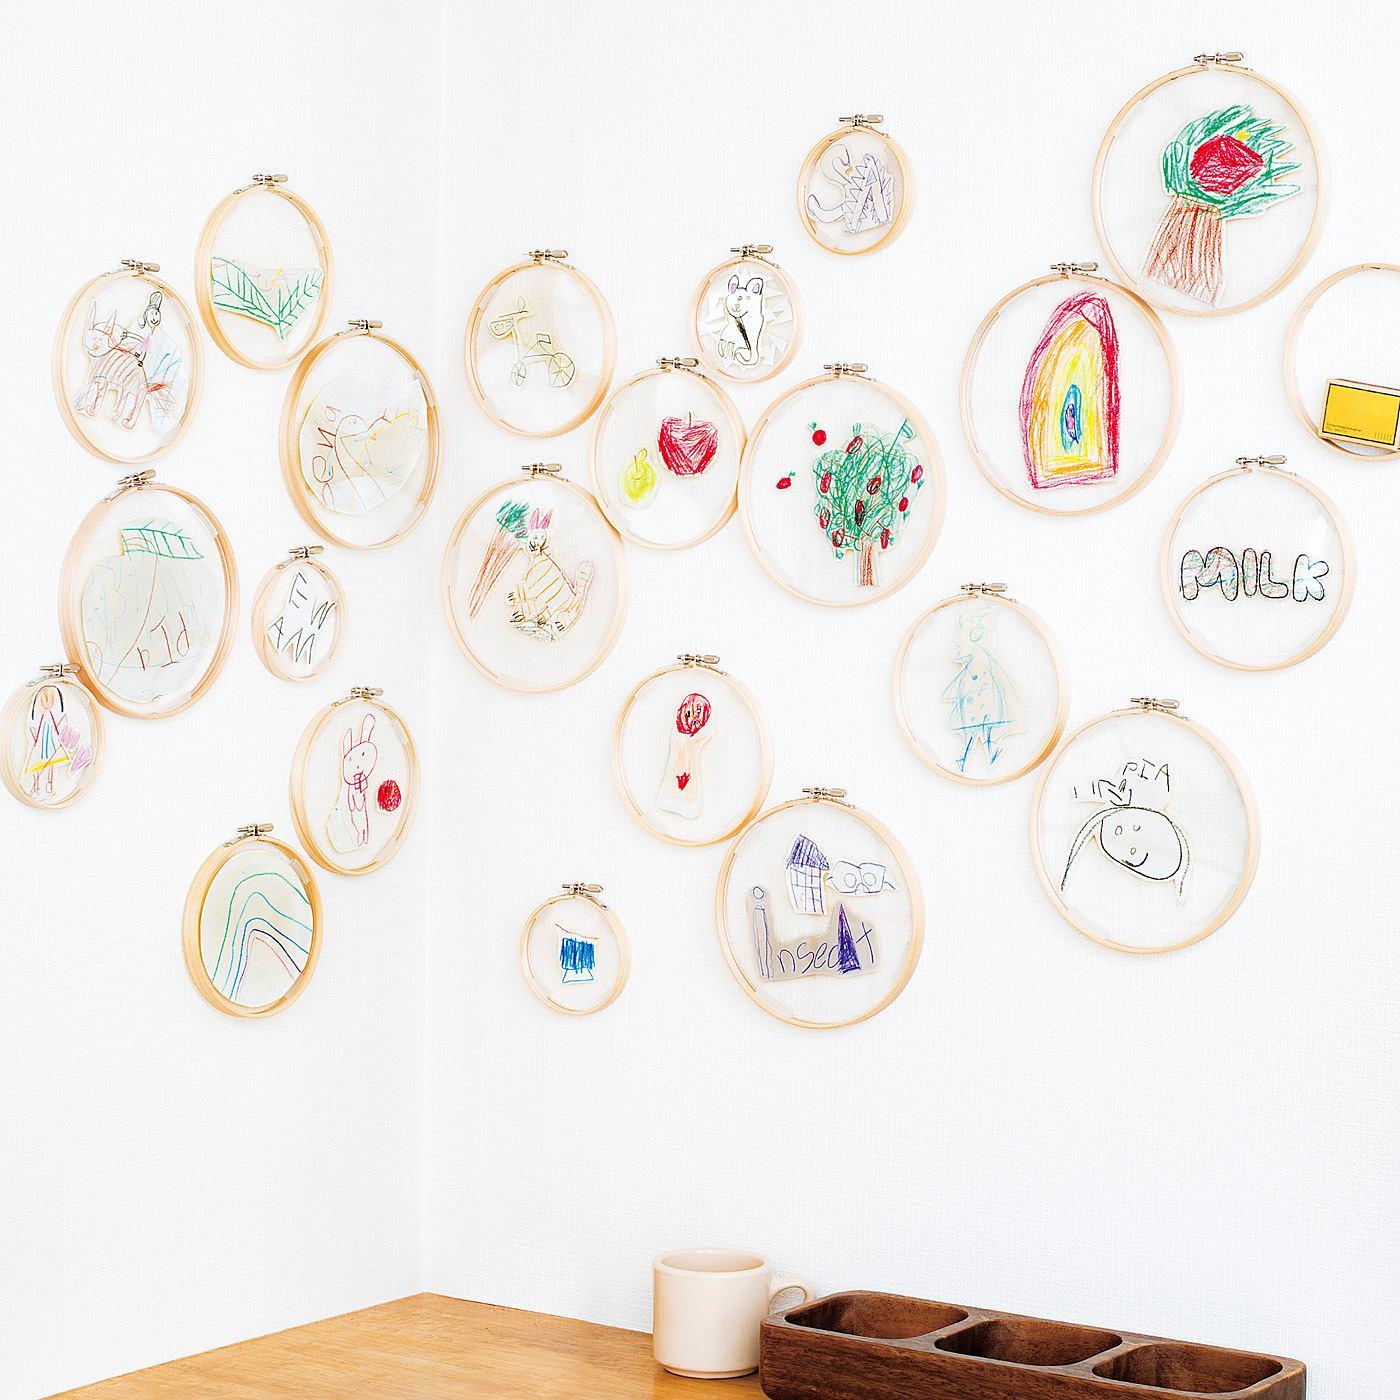 子どもの絵を切り抜いて飾って、お部屋をアートギャラリーに。